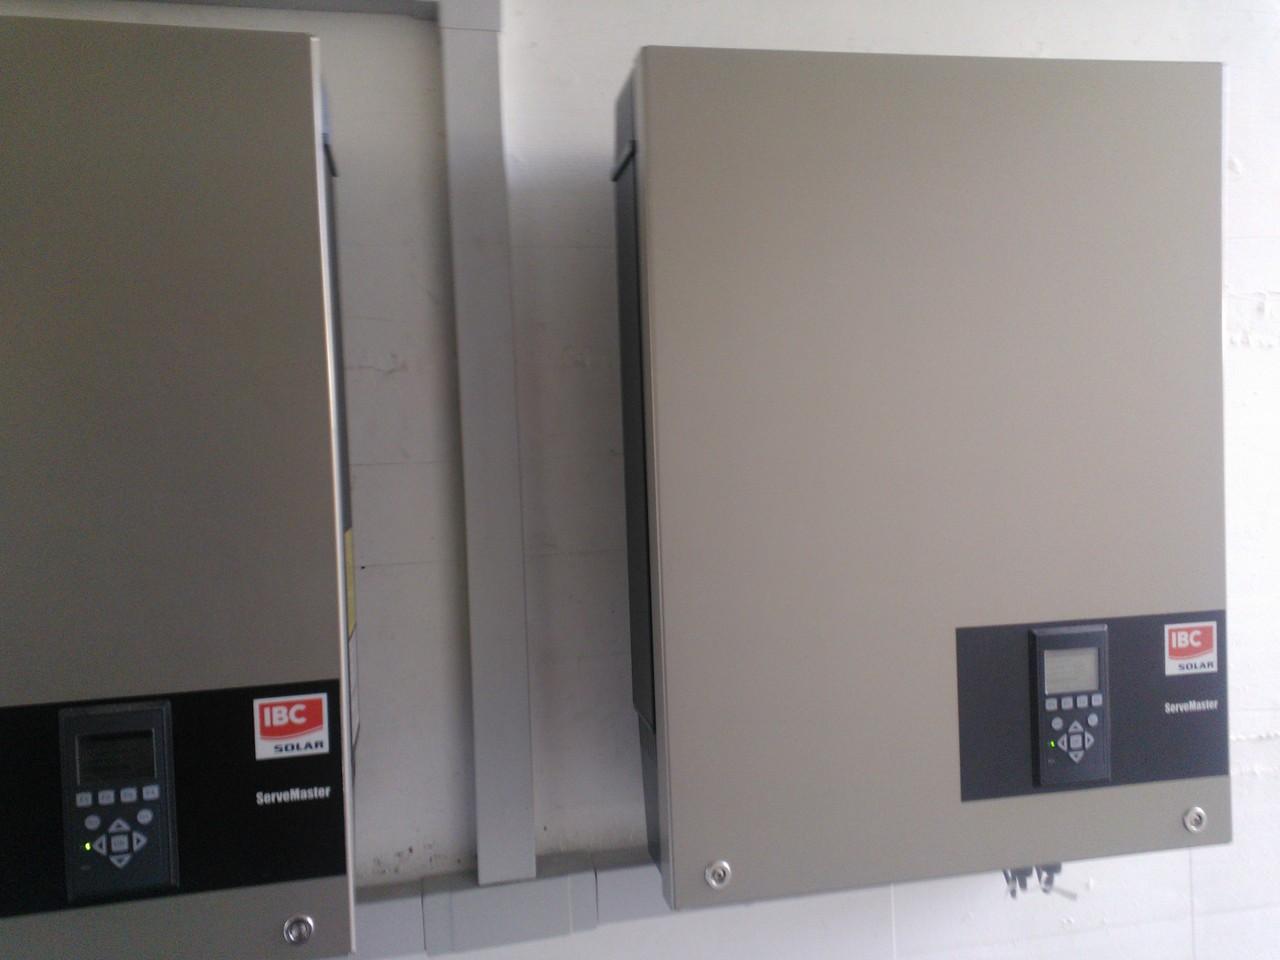 zwei mal 8kw Wechselrichter Servemaster 8000TL-pro in Mels